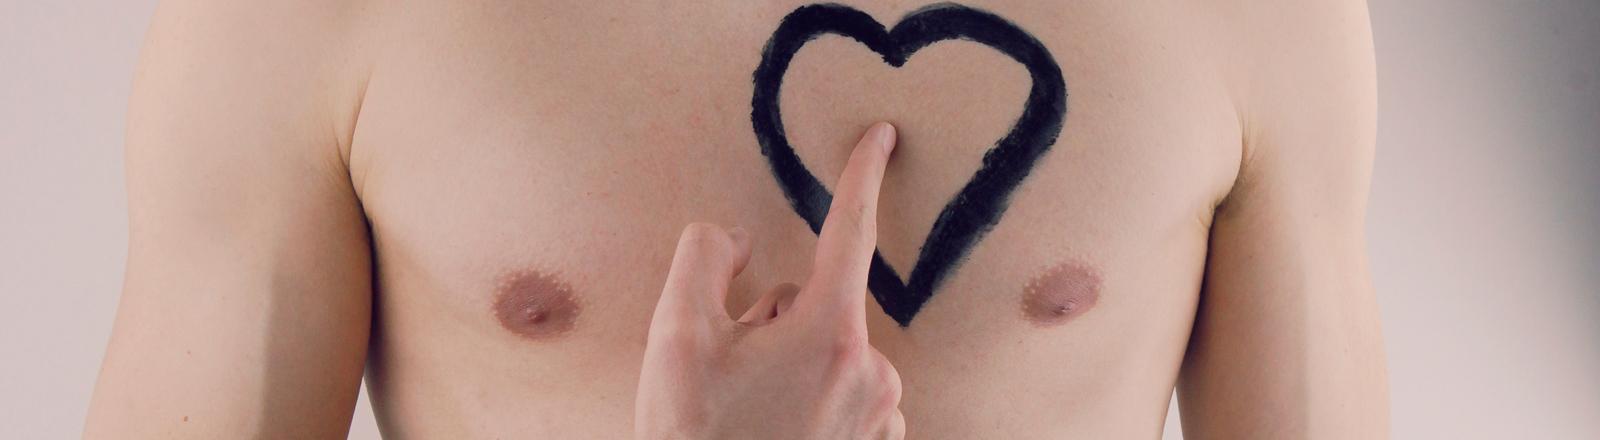 Nackter Männeroberkörper mit aufgemaltem Herz